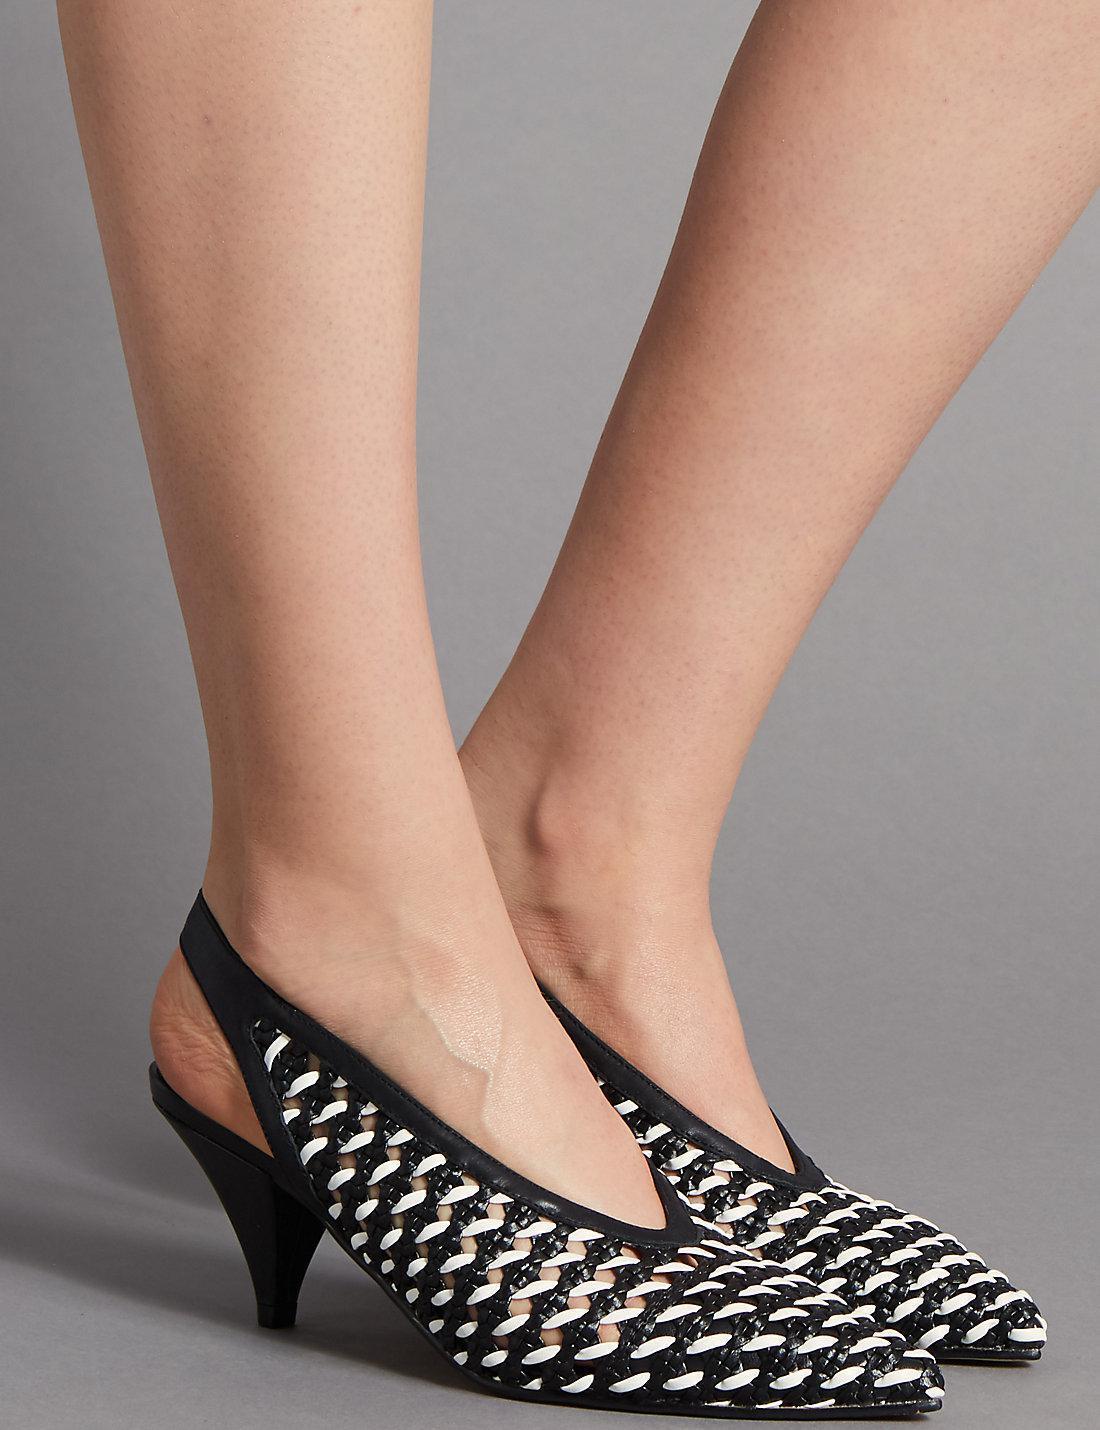 M&S AUTOGRAPH LEATHER SLINGBACK COURT noir blanc chaussures   UK 3 4 5 6 6.5 7